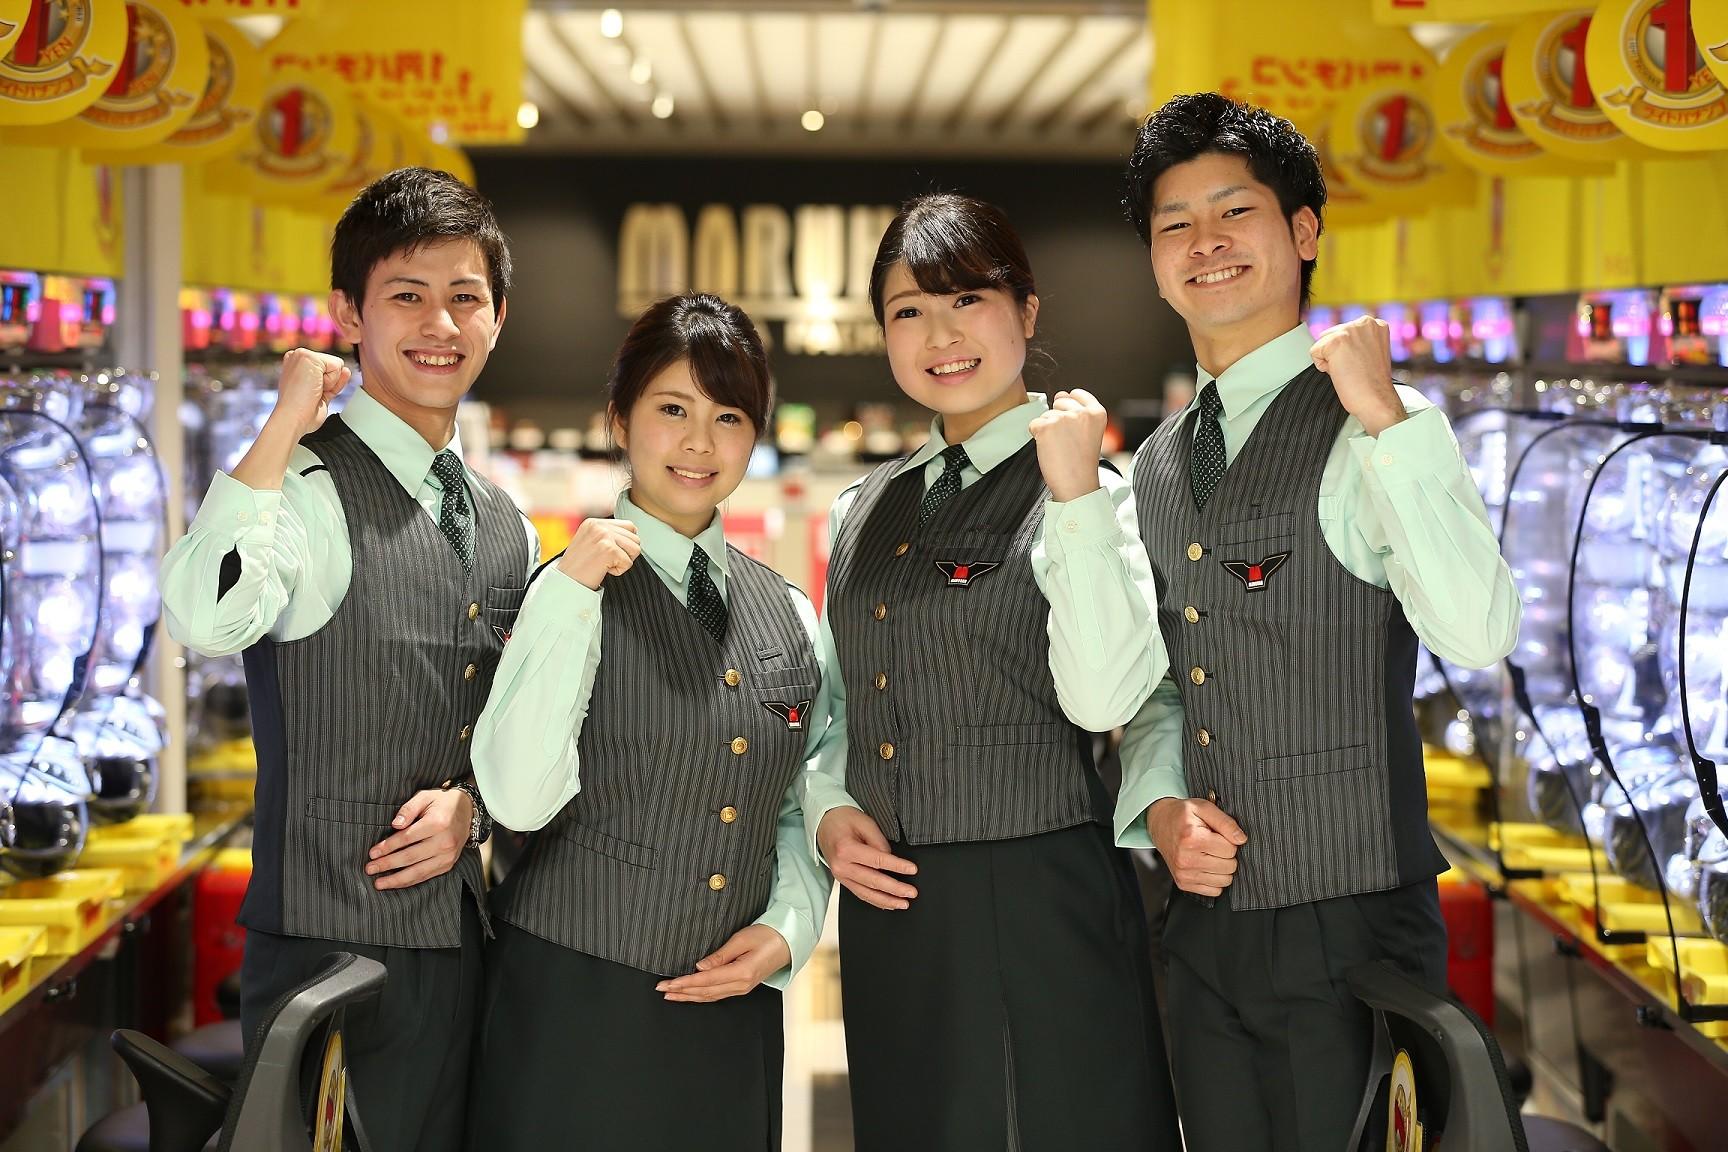 マルハン 和泉店[2807]のアルバイト情報